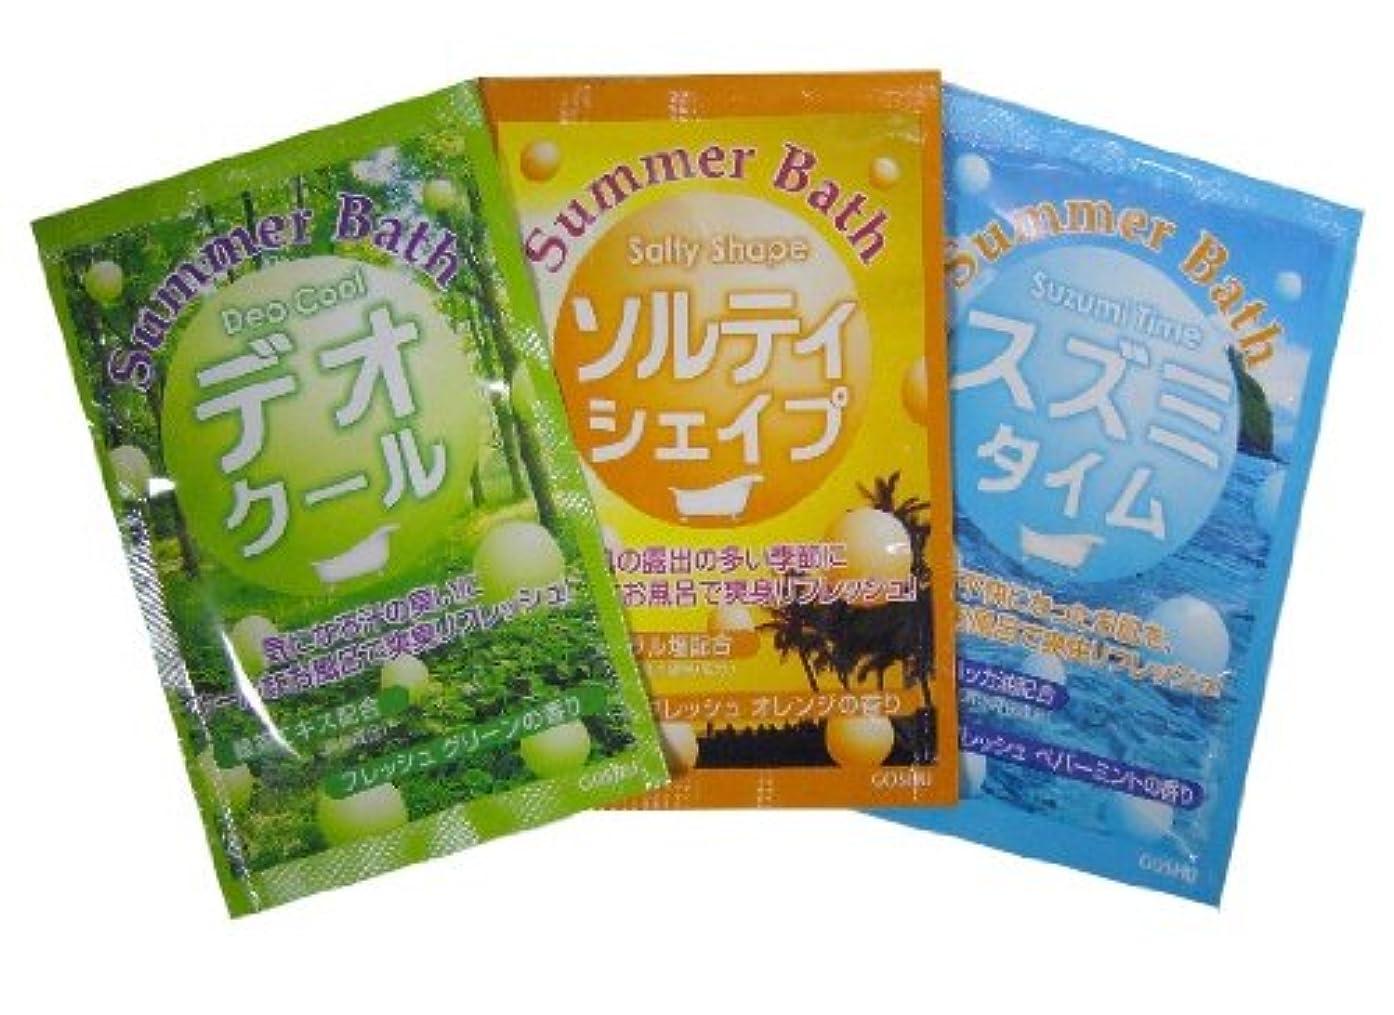 キリスト教カウント振るう入浴剤 サマーバスシリーズ(3種) 夏のスキンケア入浴剤 各10包?計30包セット/日本製